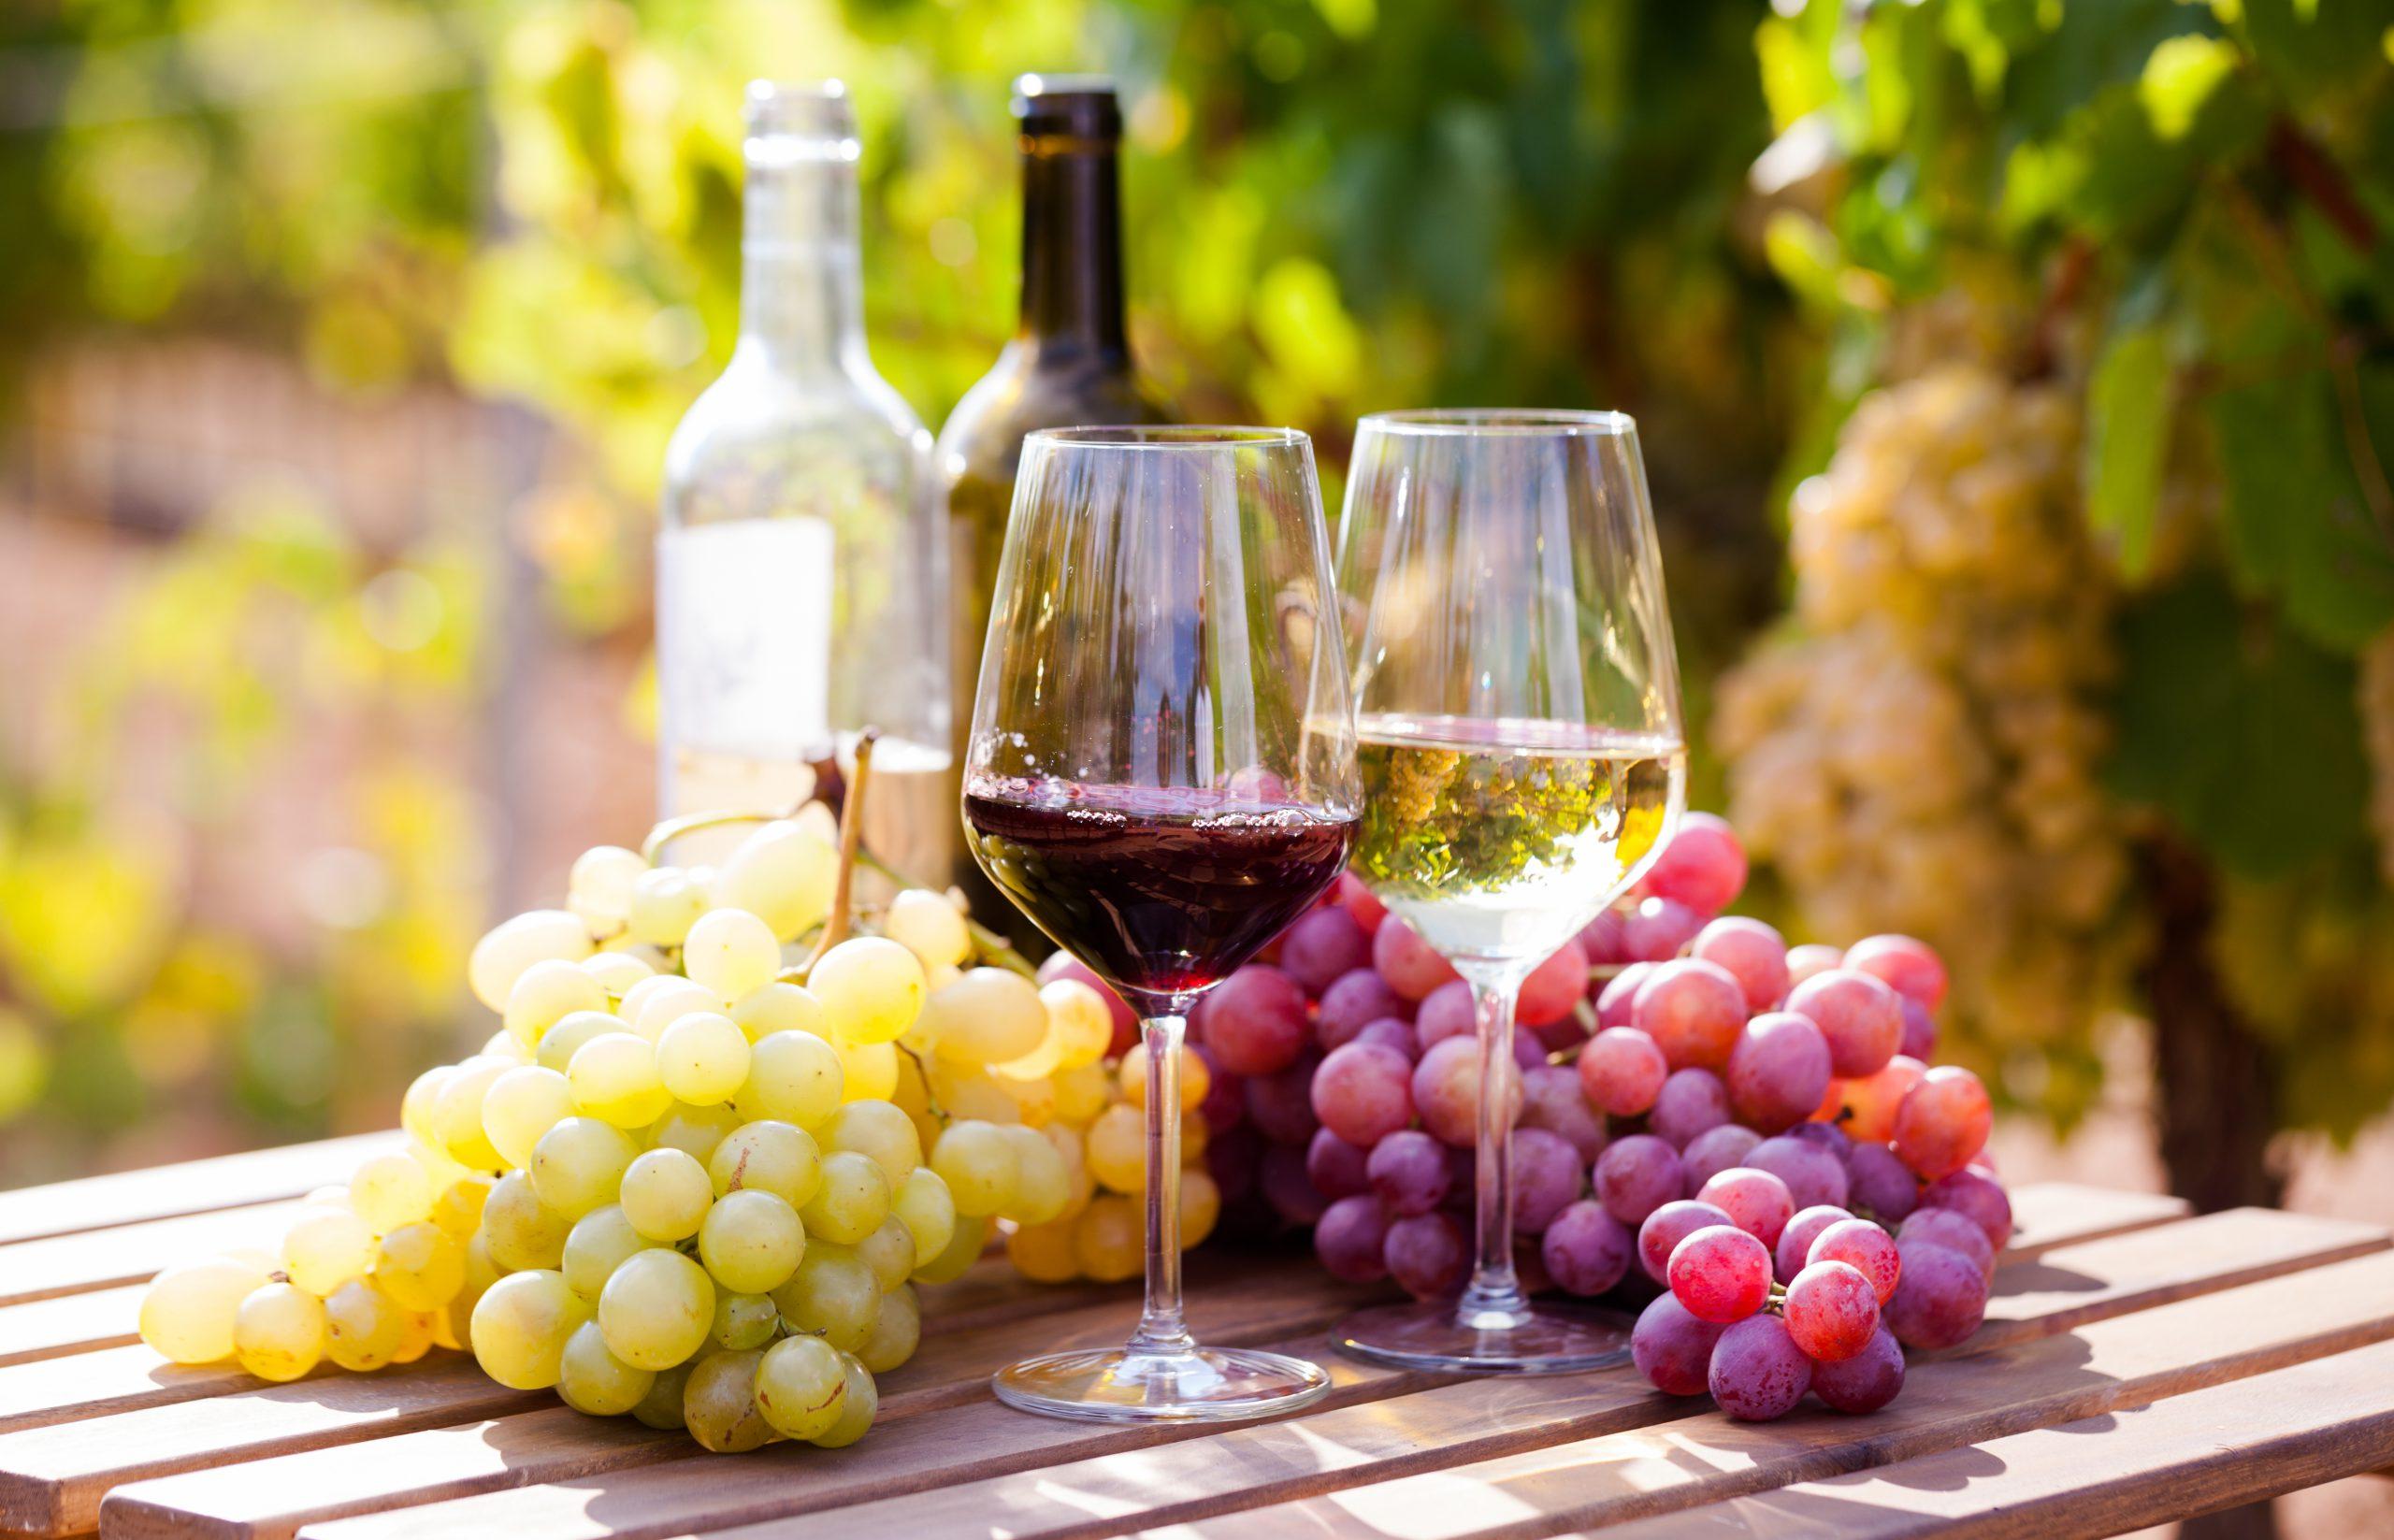 赤ワインと白ワインの違いを知りたい!ブドウ品種・製法をおさえよう